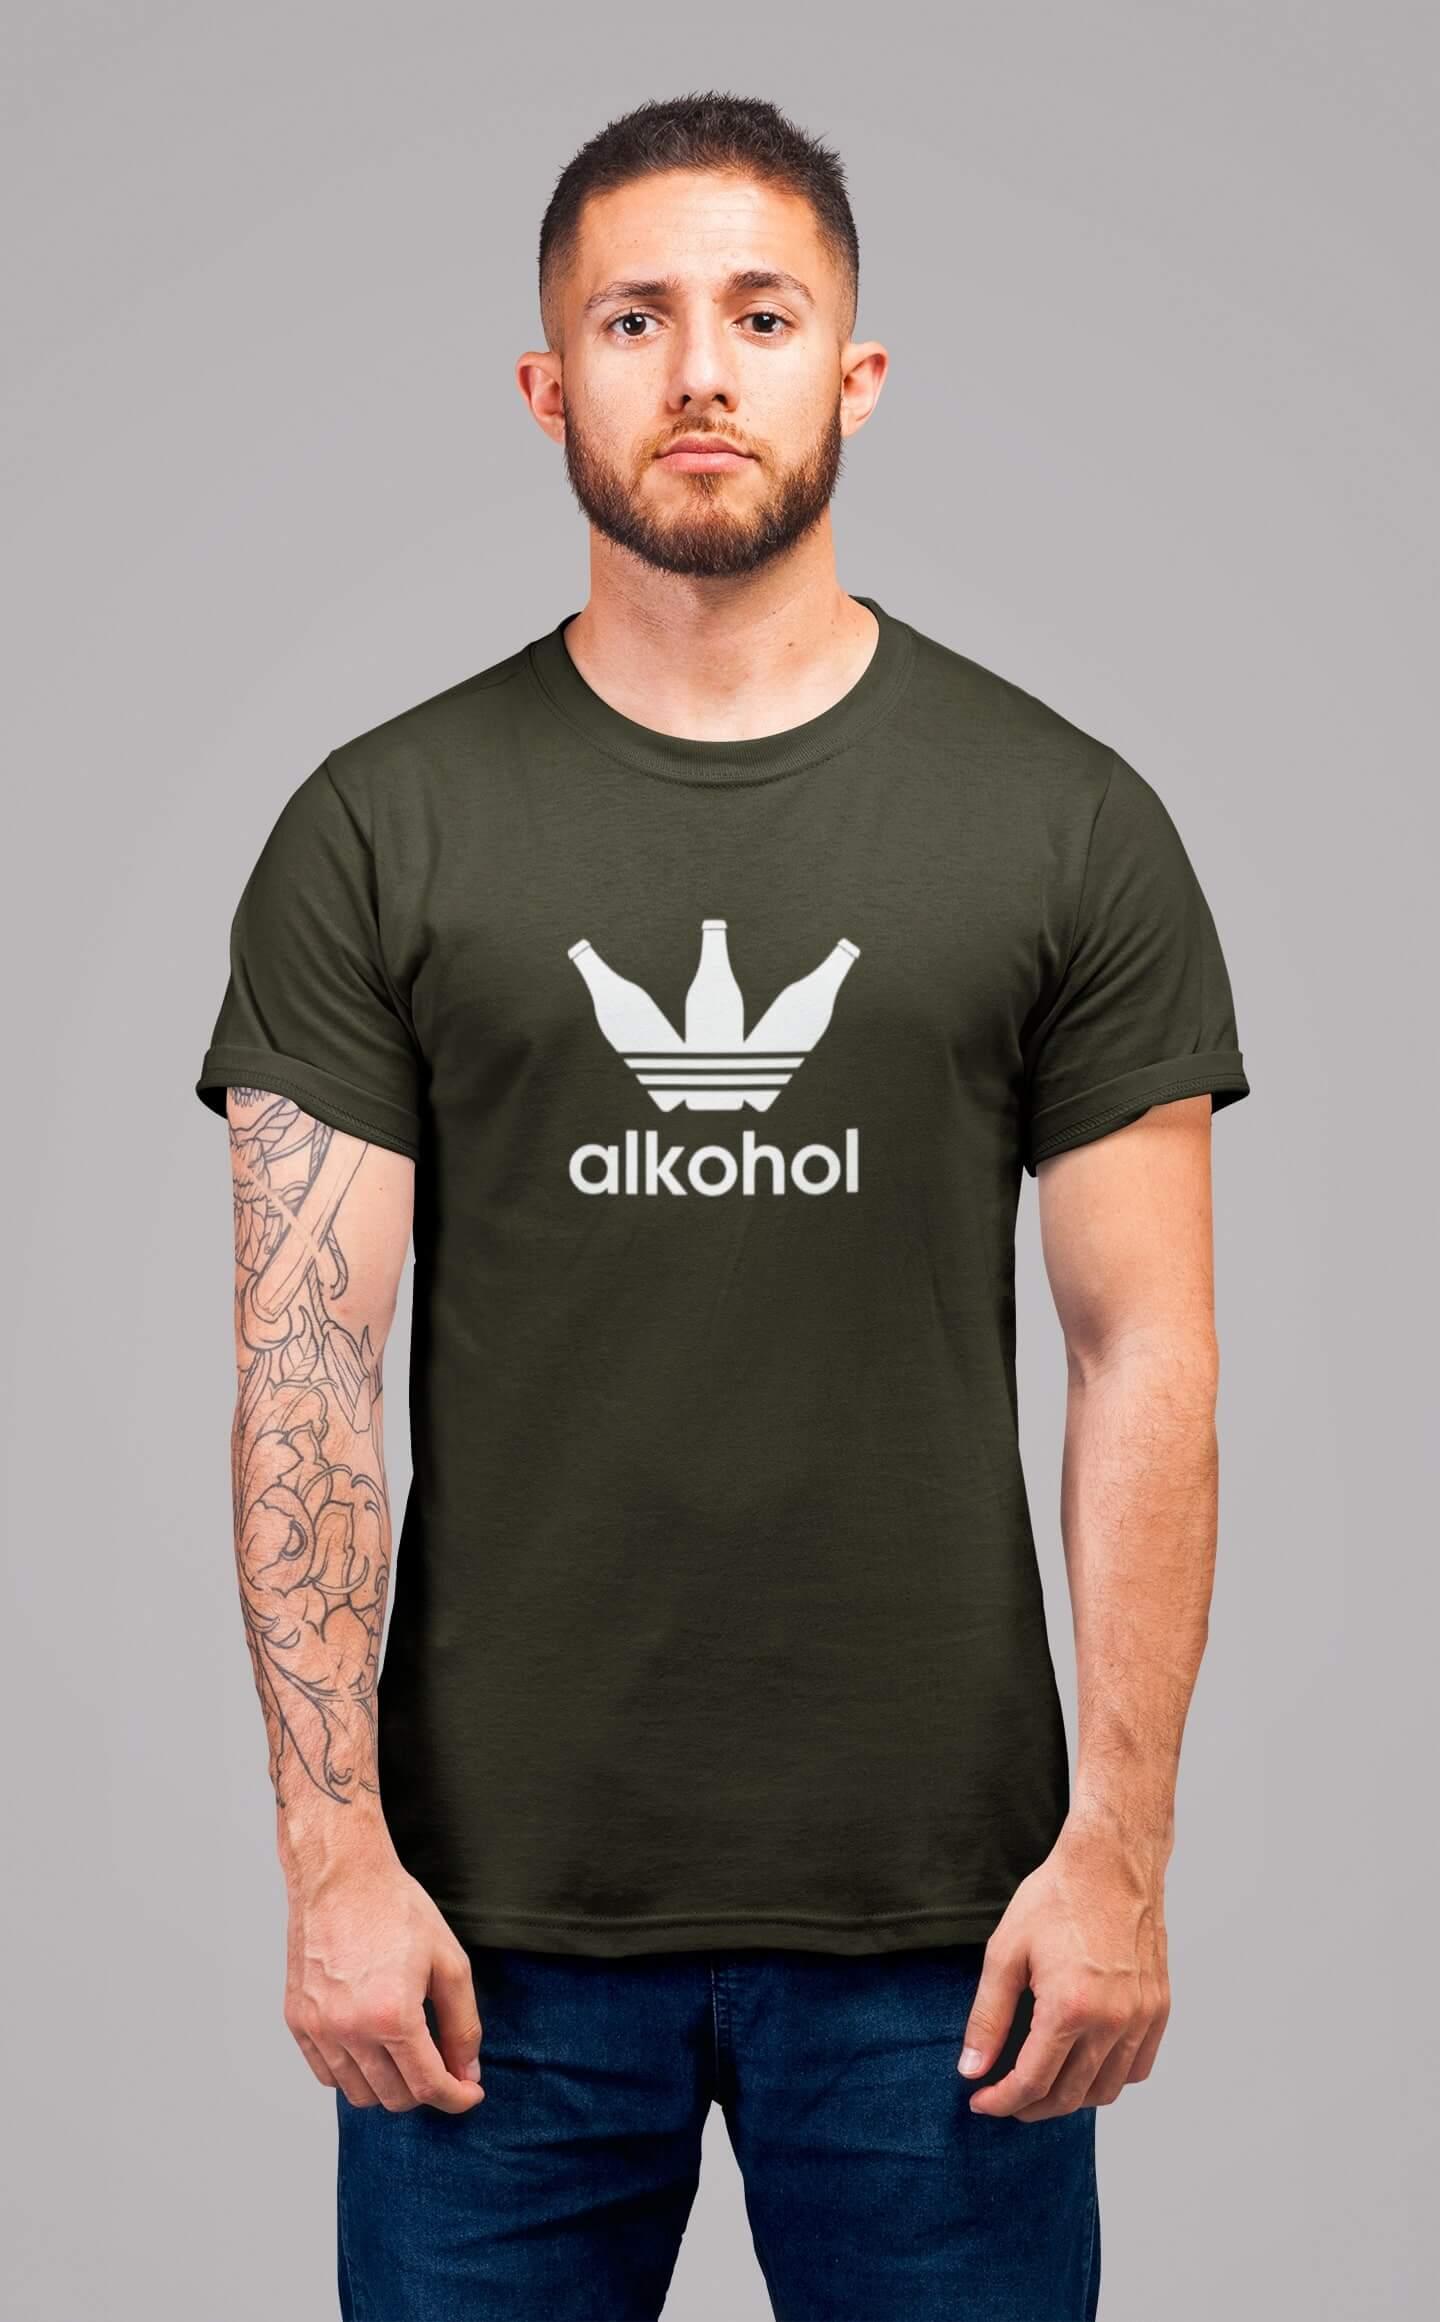 MMO Pánske tričko s flaškami Vyberte farbu: Military, Vyberte veľkosť: S